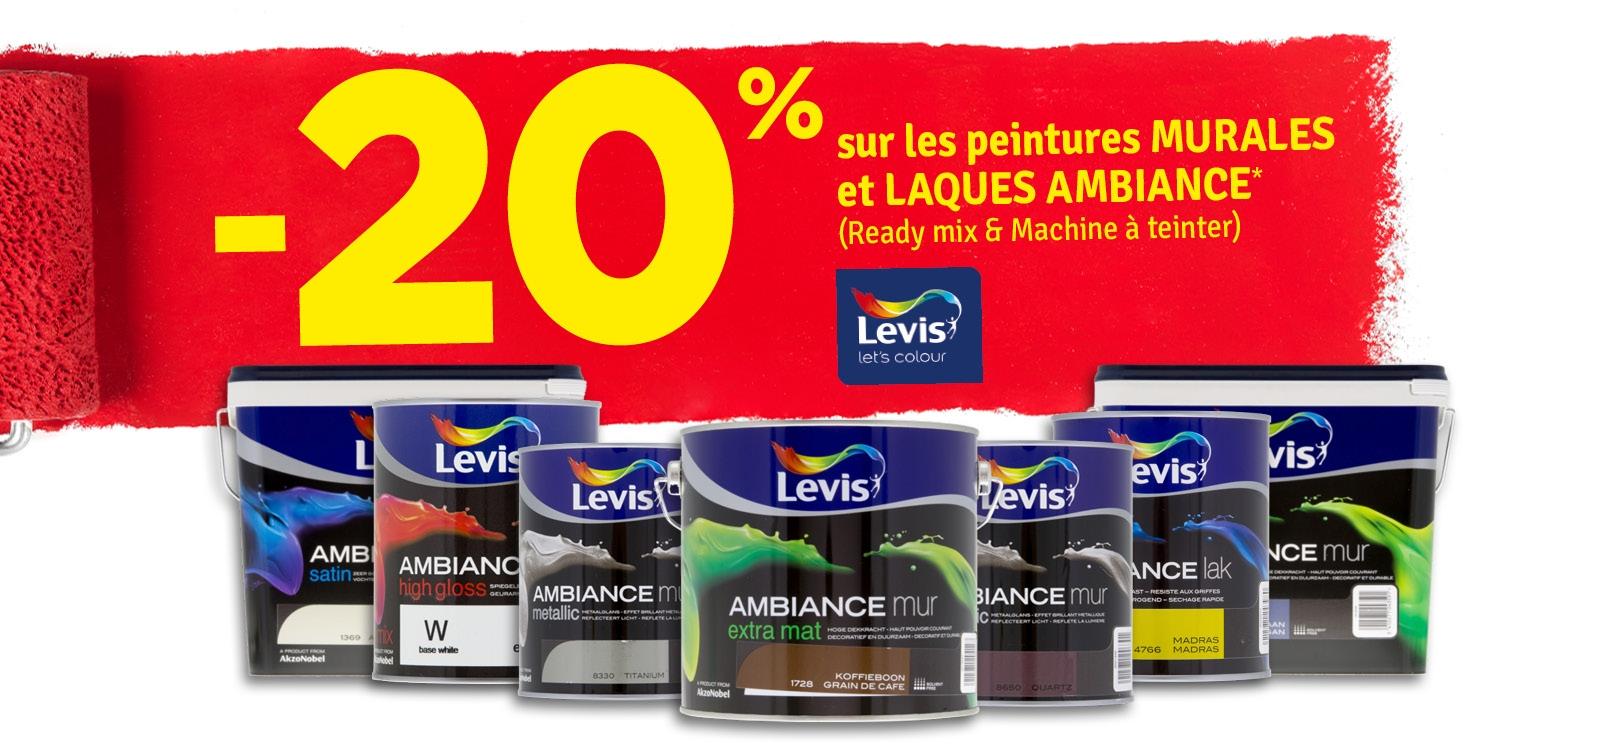 Promo - -20 % sur peintures murales et laques Ambiance LEVIS